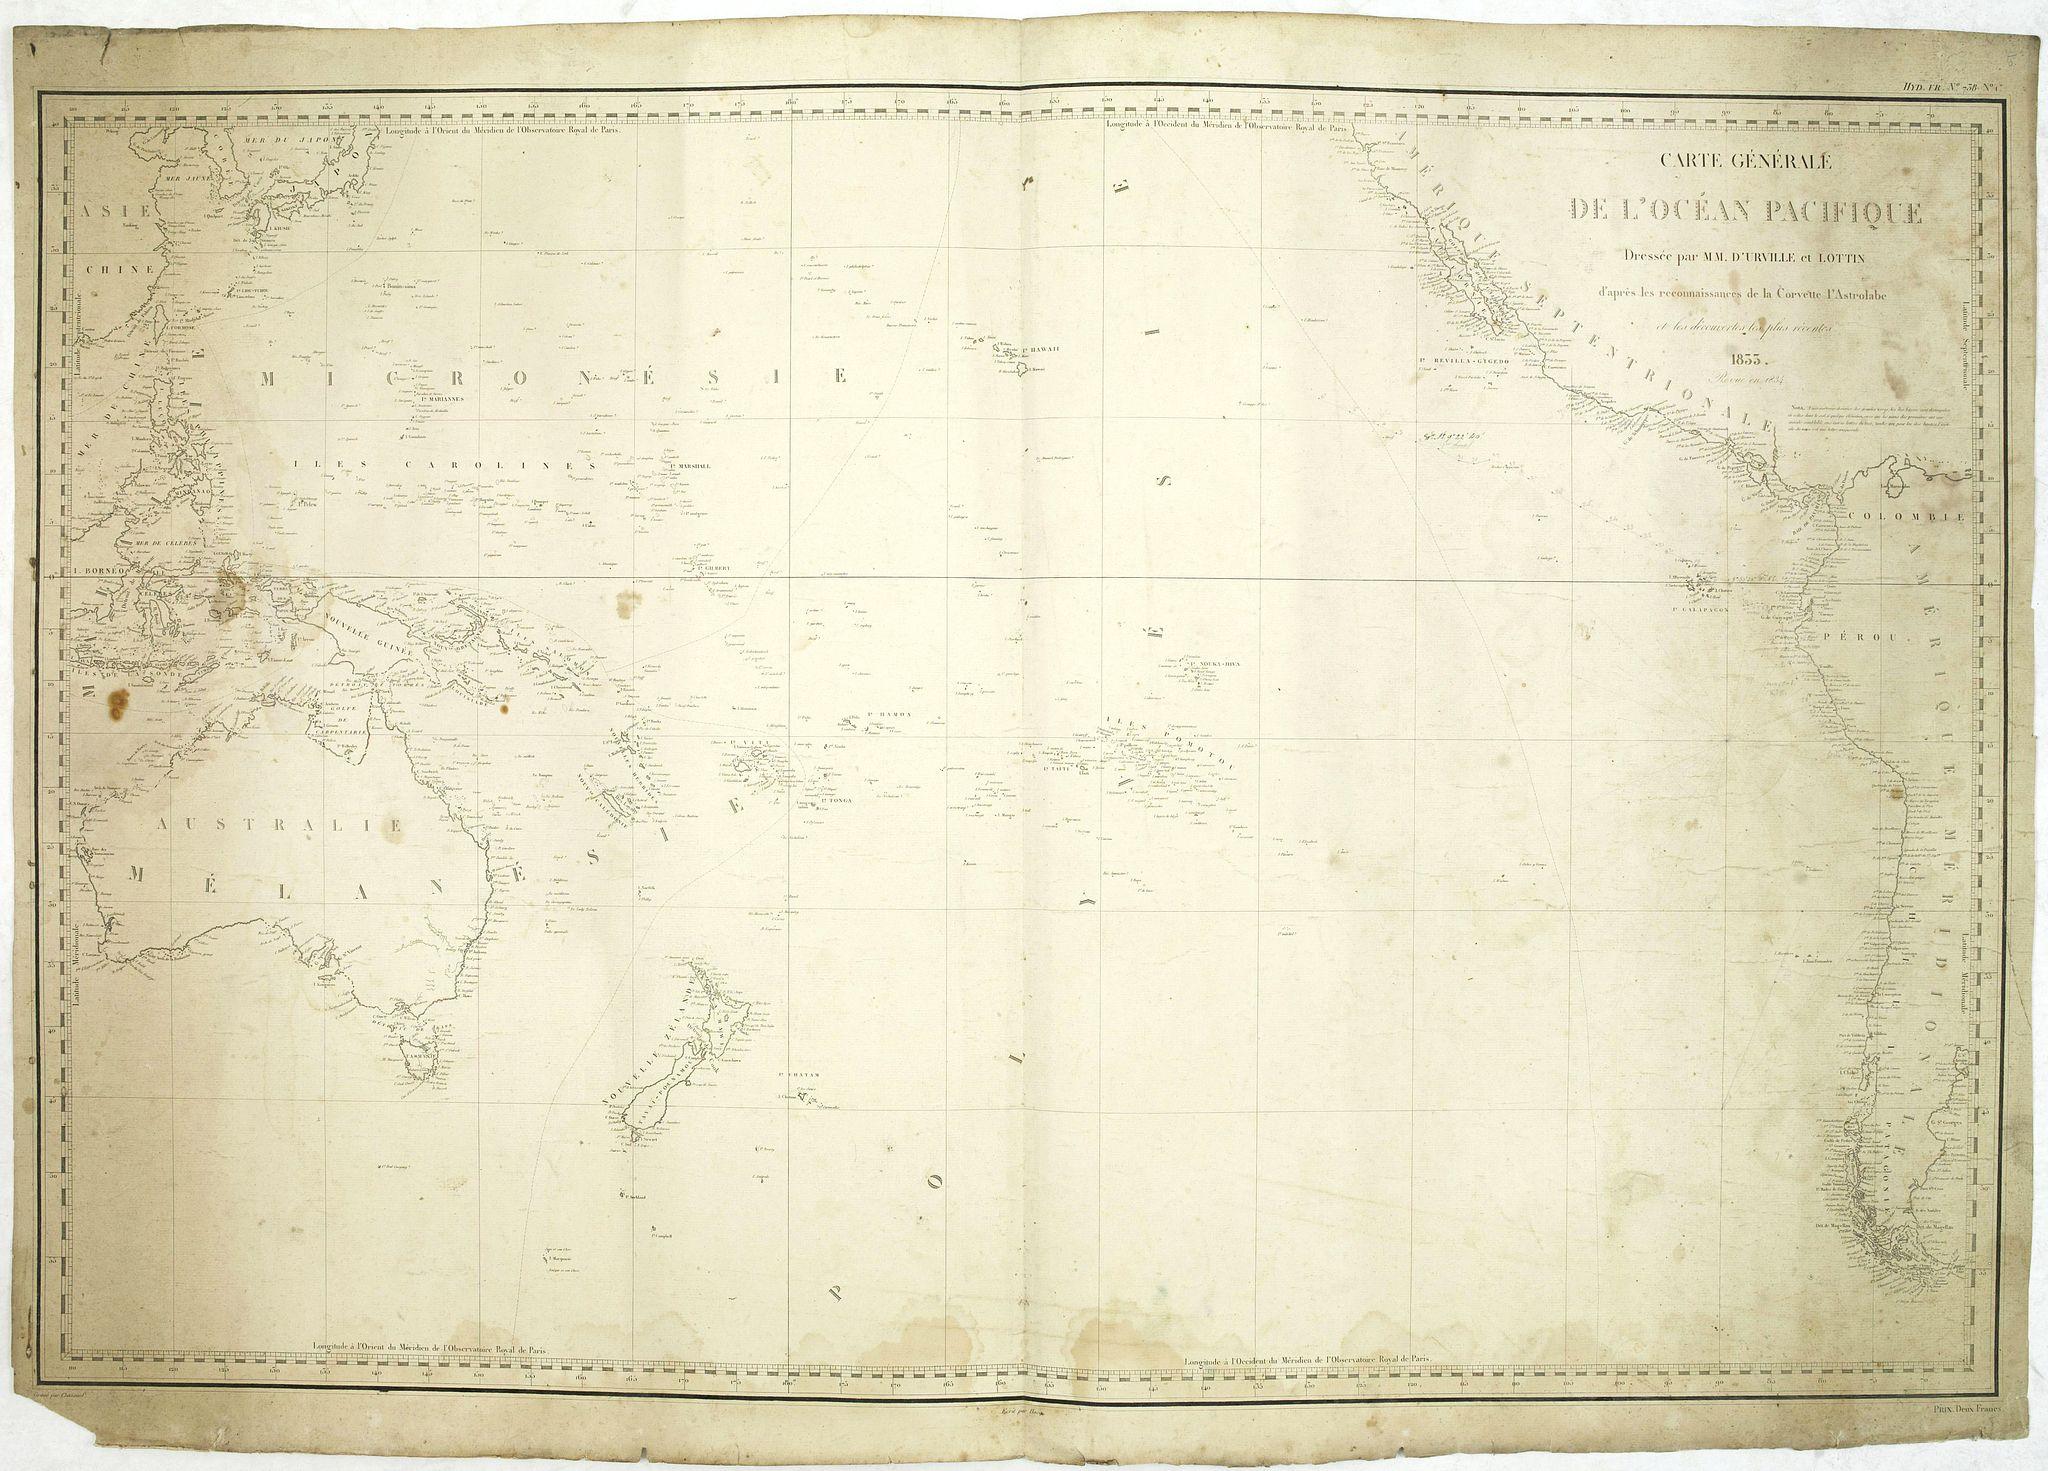 URVILLE, d',. / LOTTIN. -  Carte générale de l'océan pacifique. . .